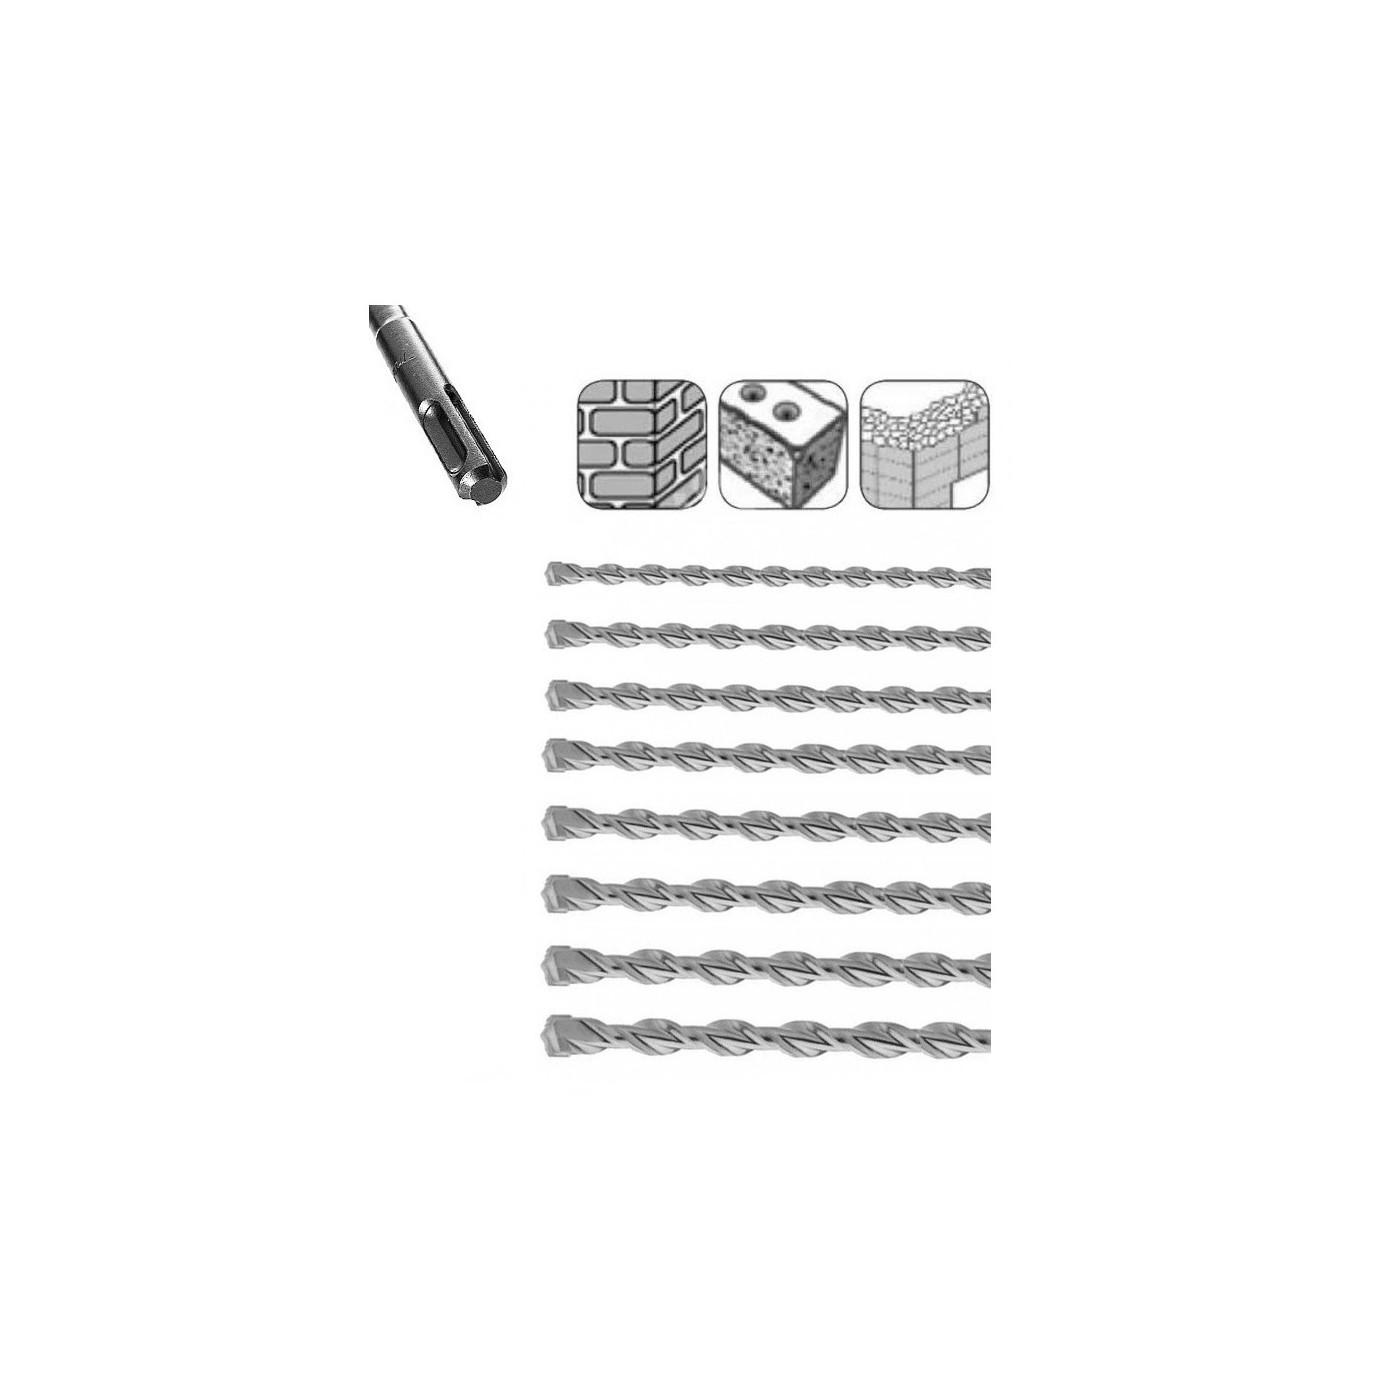 Set extra lange SDS-plus Betonbohrer (8 Stück)